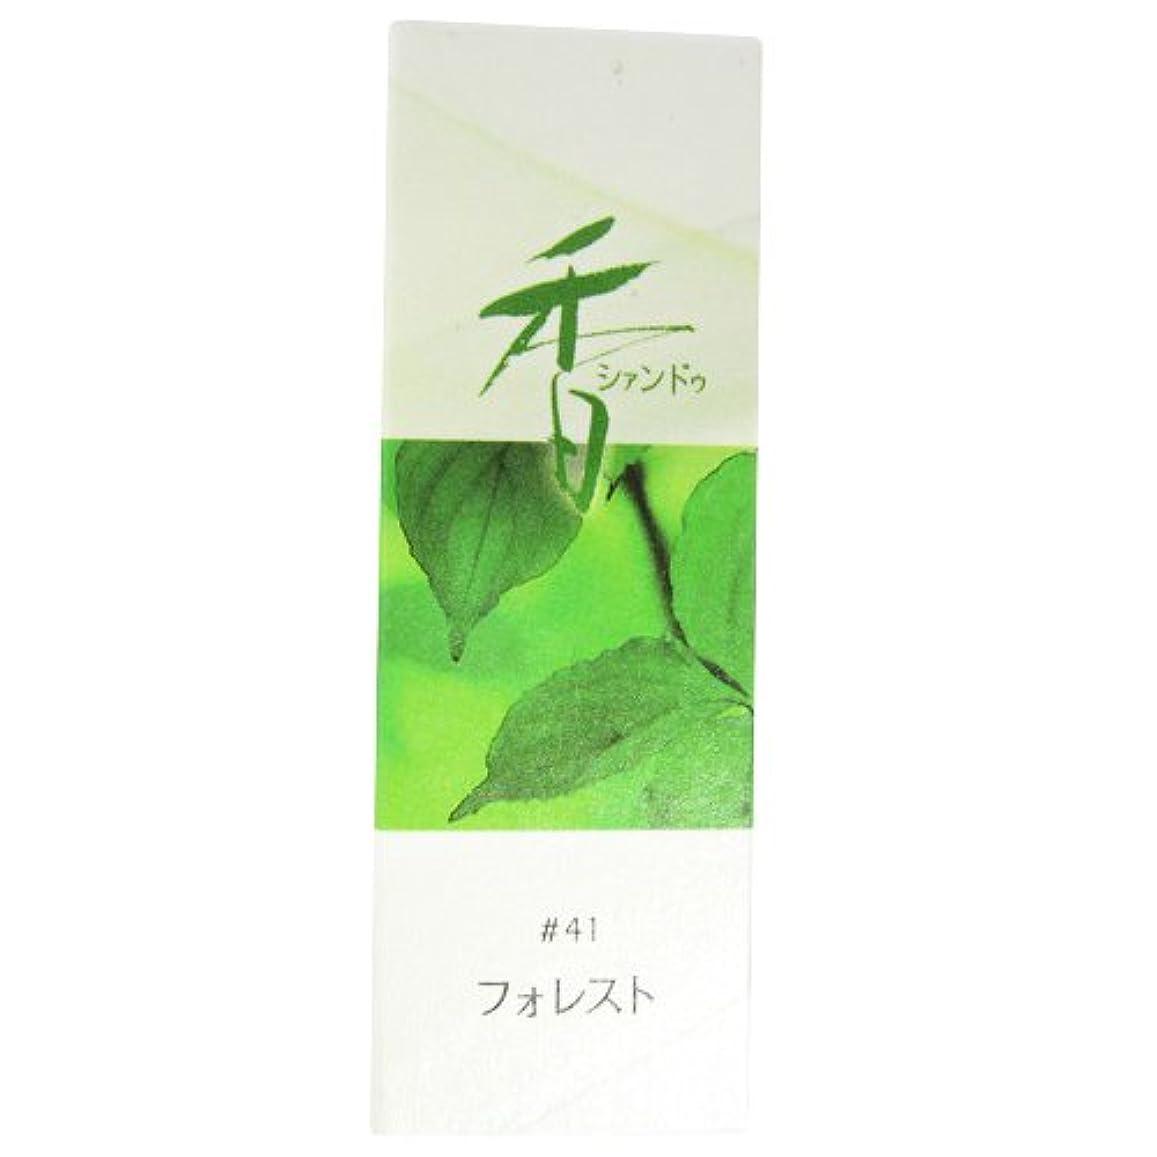 賠償意味物理的な松栄堂のお香 Xiang Do フォレスト ST20本入 簡易香立付 #214241